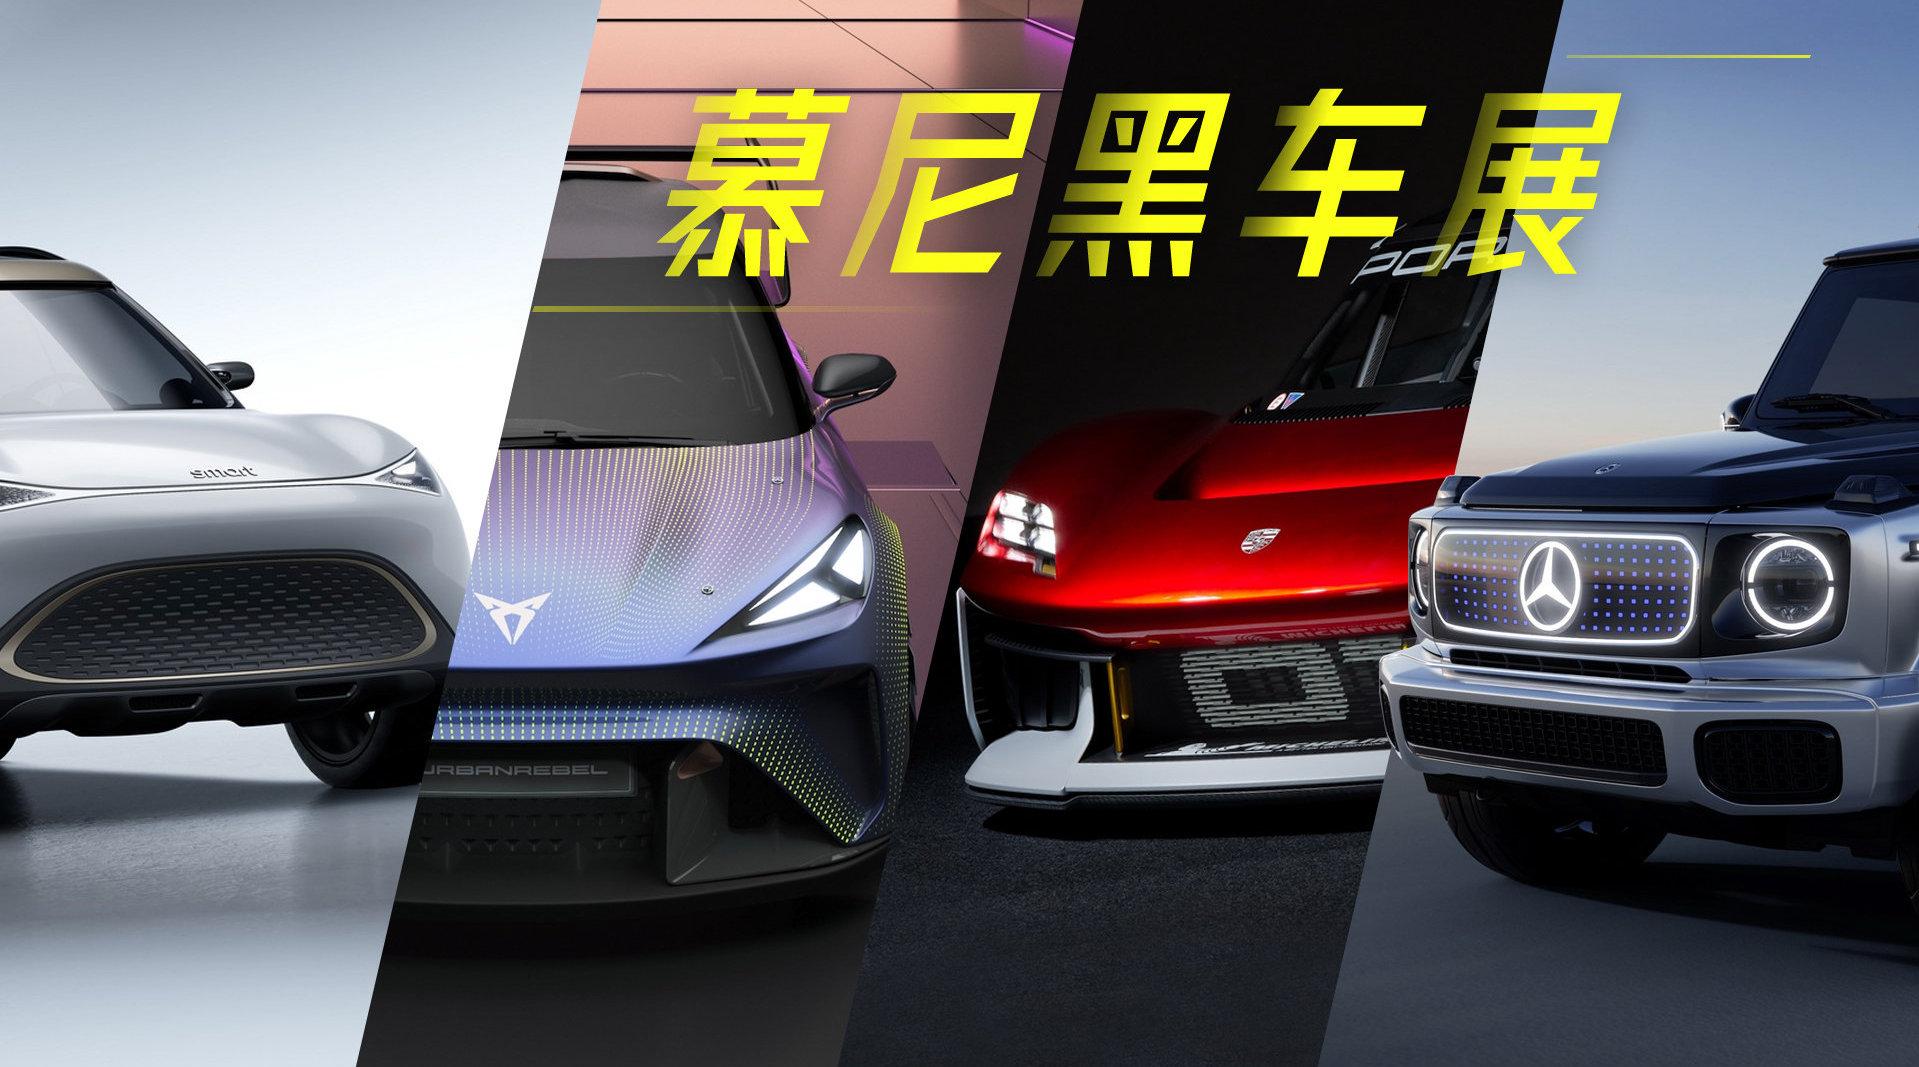 奔驰/奥迪/保时捷/大众齐发新车,慕尼黑车展看点在这里!